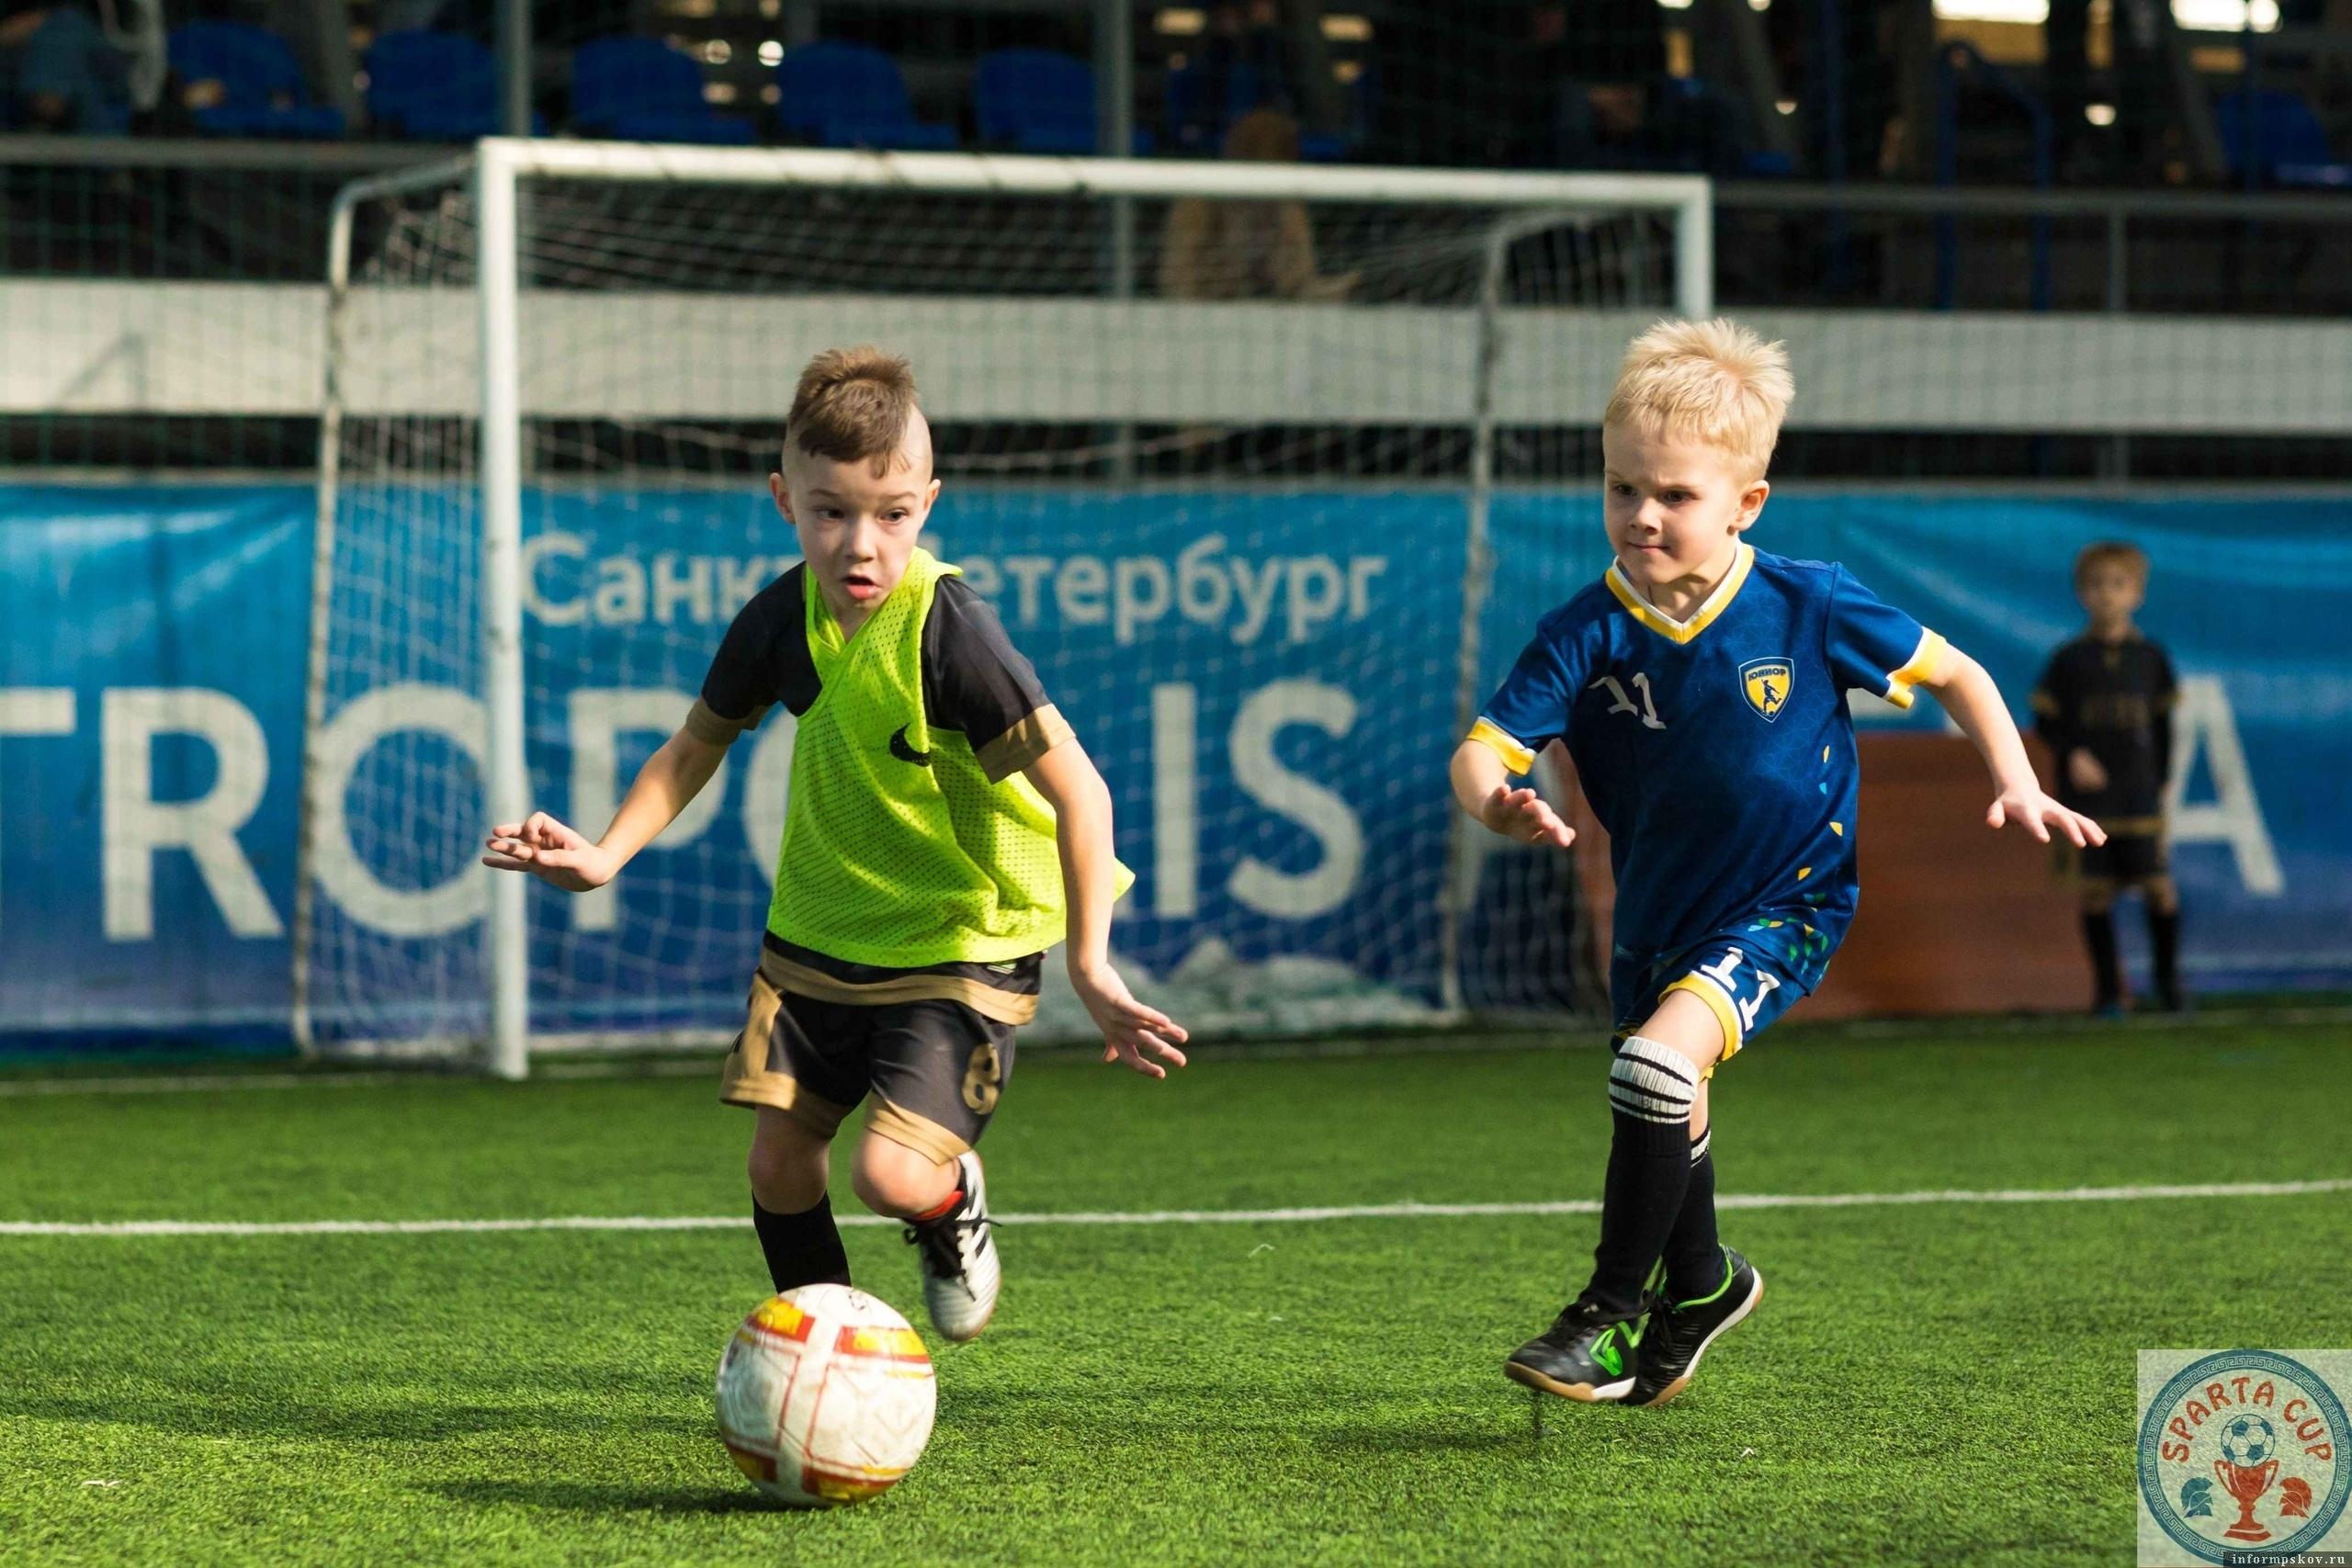 Победный гол: в Пскове работает одна из лучших футбольных школ сети «Юниор»